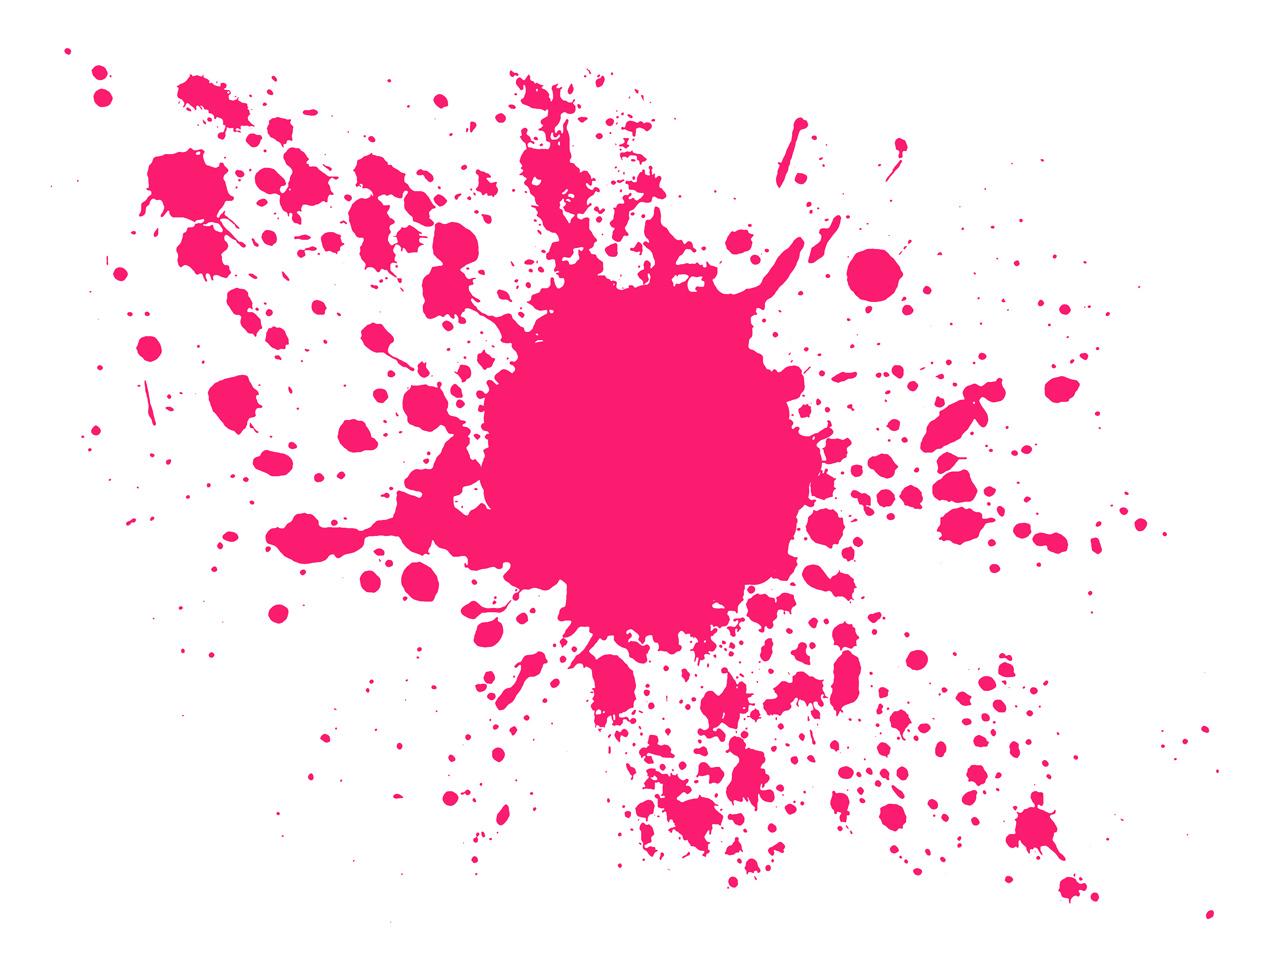 معرض اعمل النجم المساعد Pink-s10